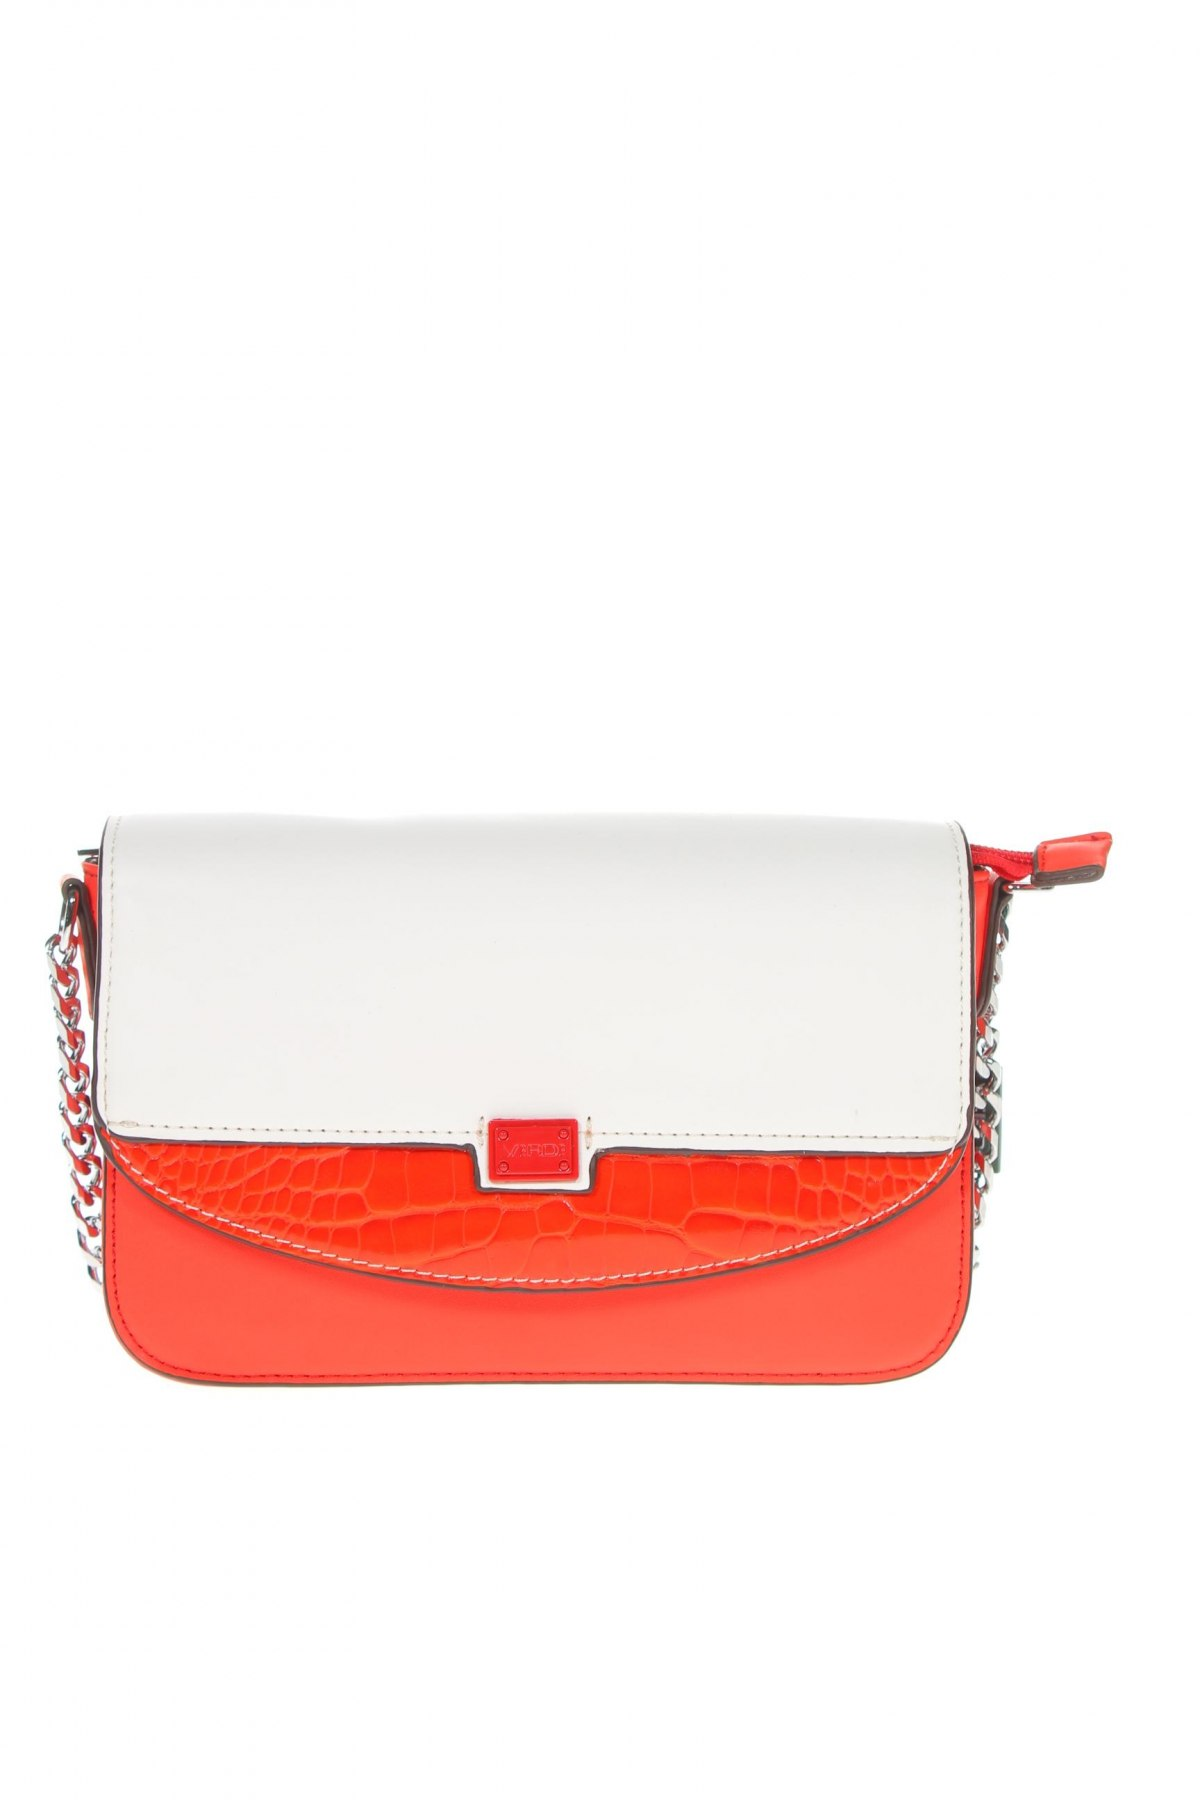 Дамска чанта Verde, Цвят Бял, Еко кожа, Цена 14,16лв.